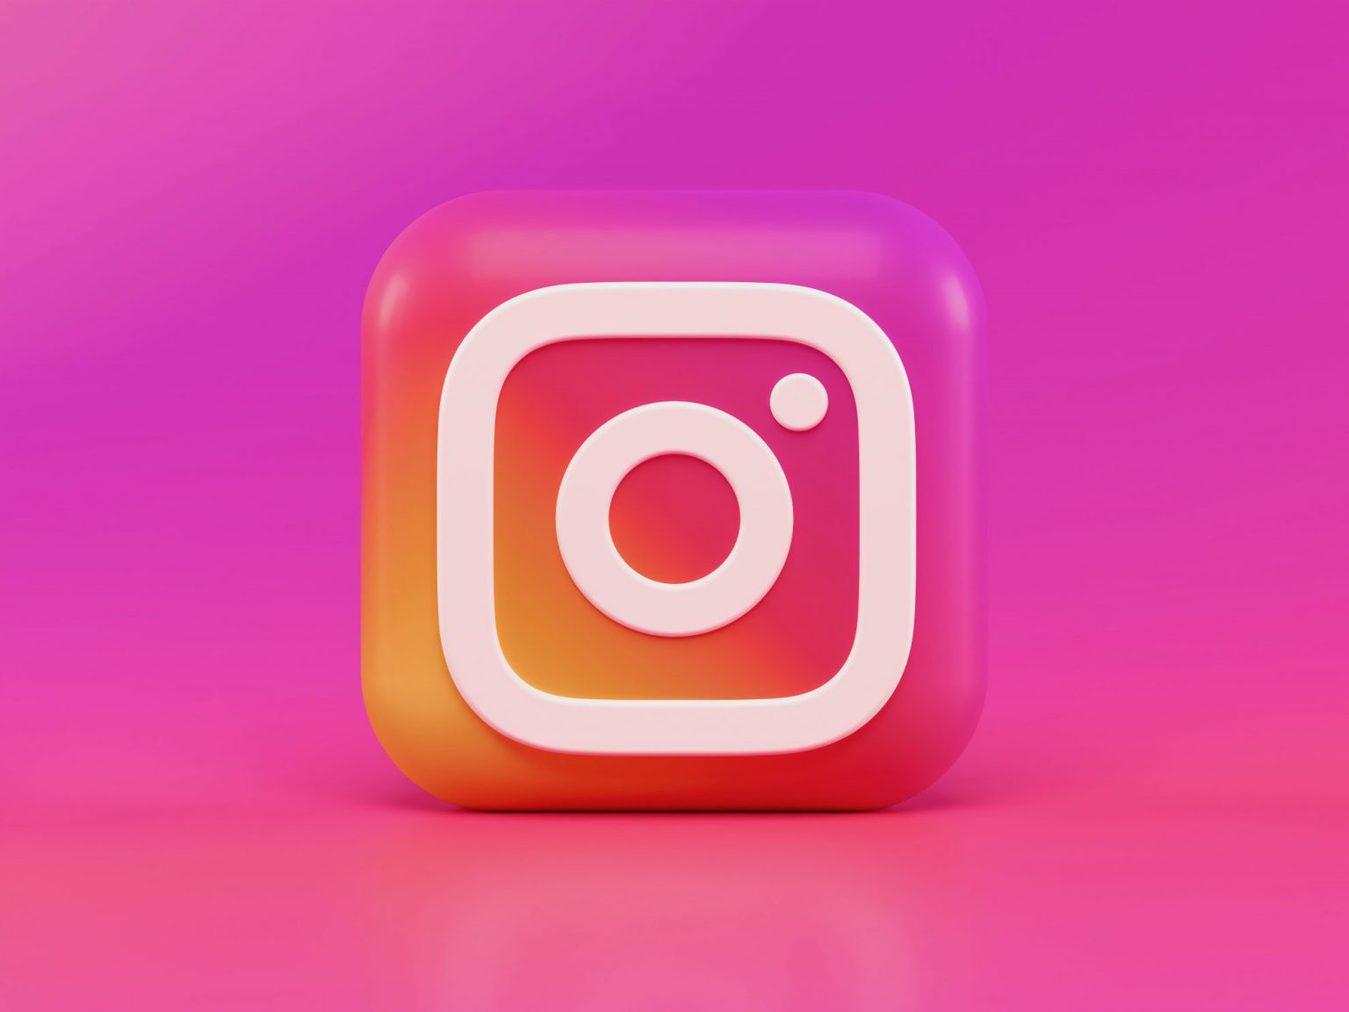 Icona Instagram in 3D